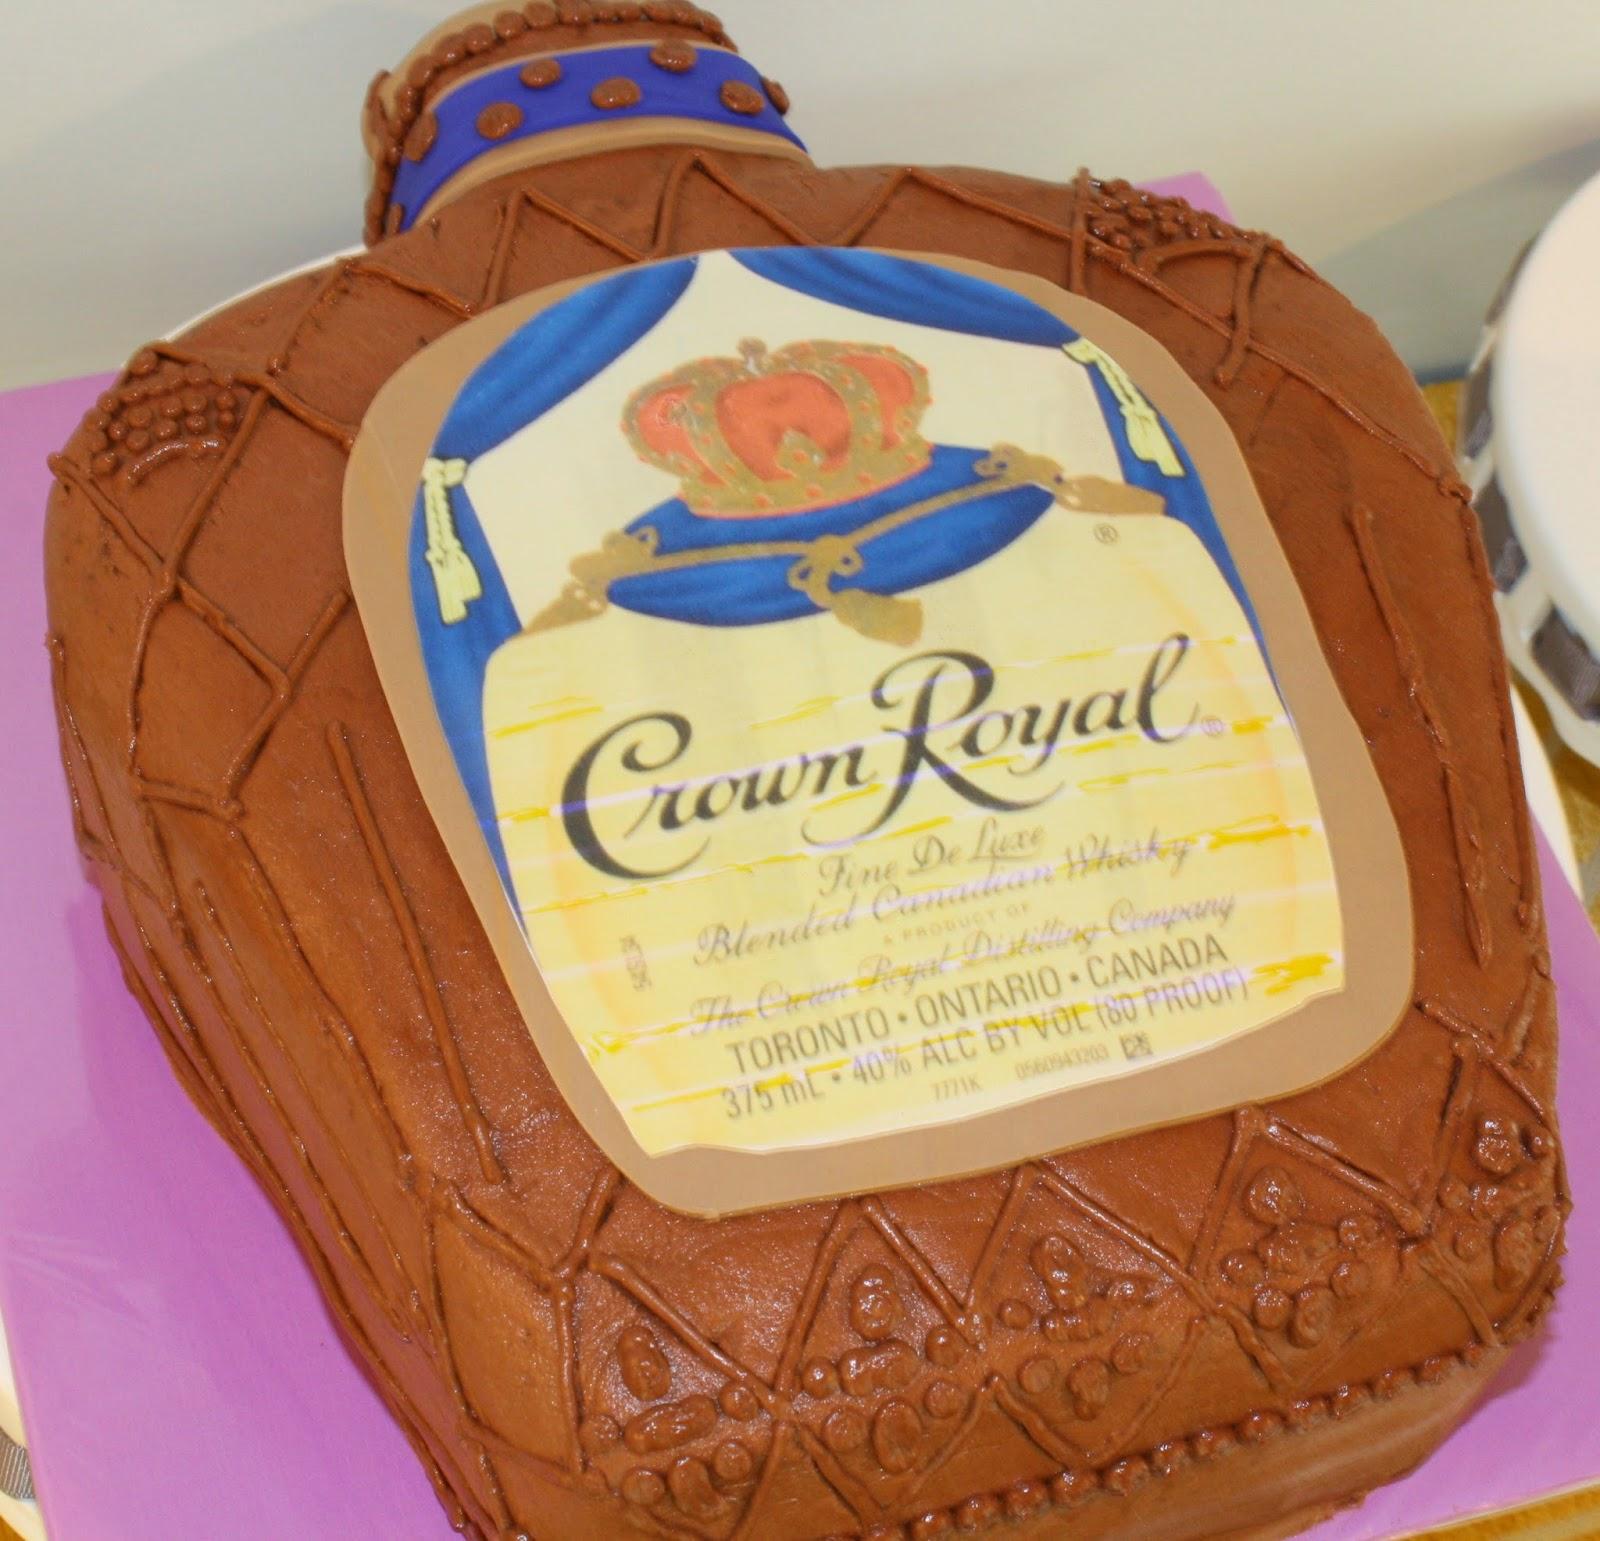 Kake Crown Royal Cake